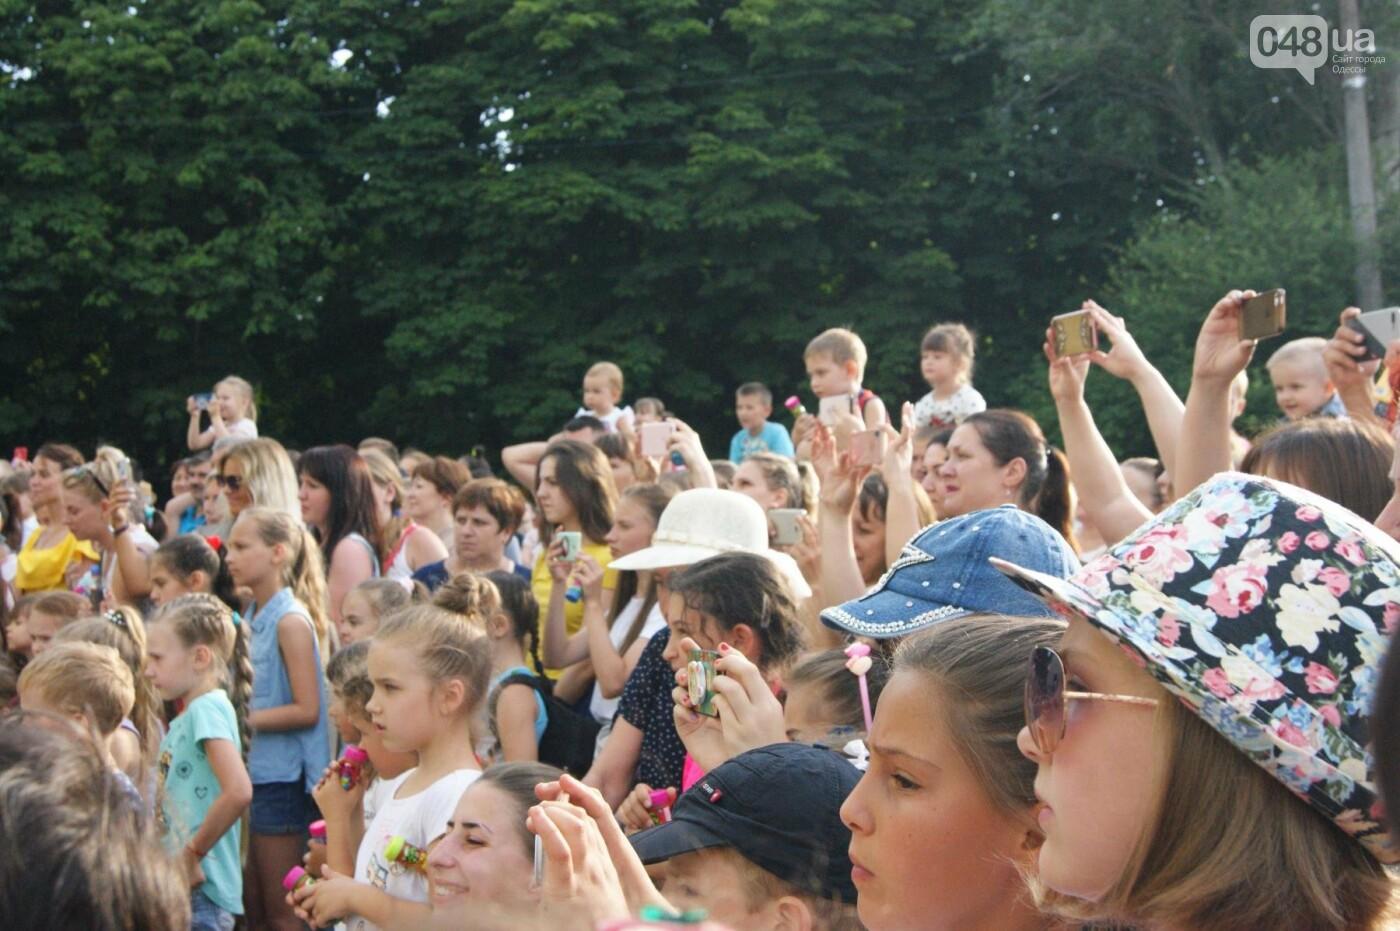 В Одессе в небо выпустили тысячи мыльных пузырей, - ФОТО, ВИДЕО, фото-12